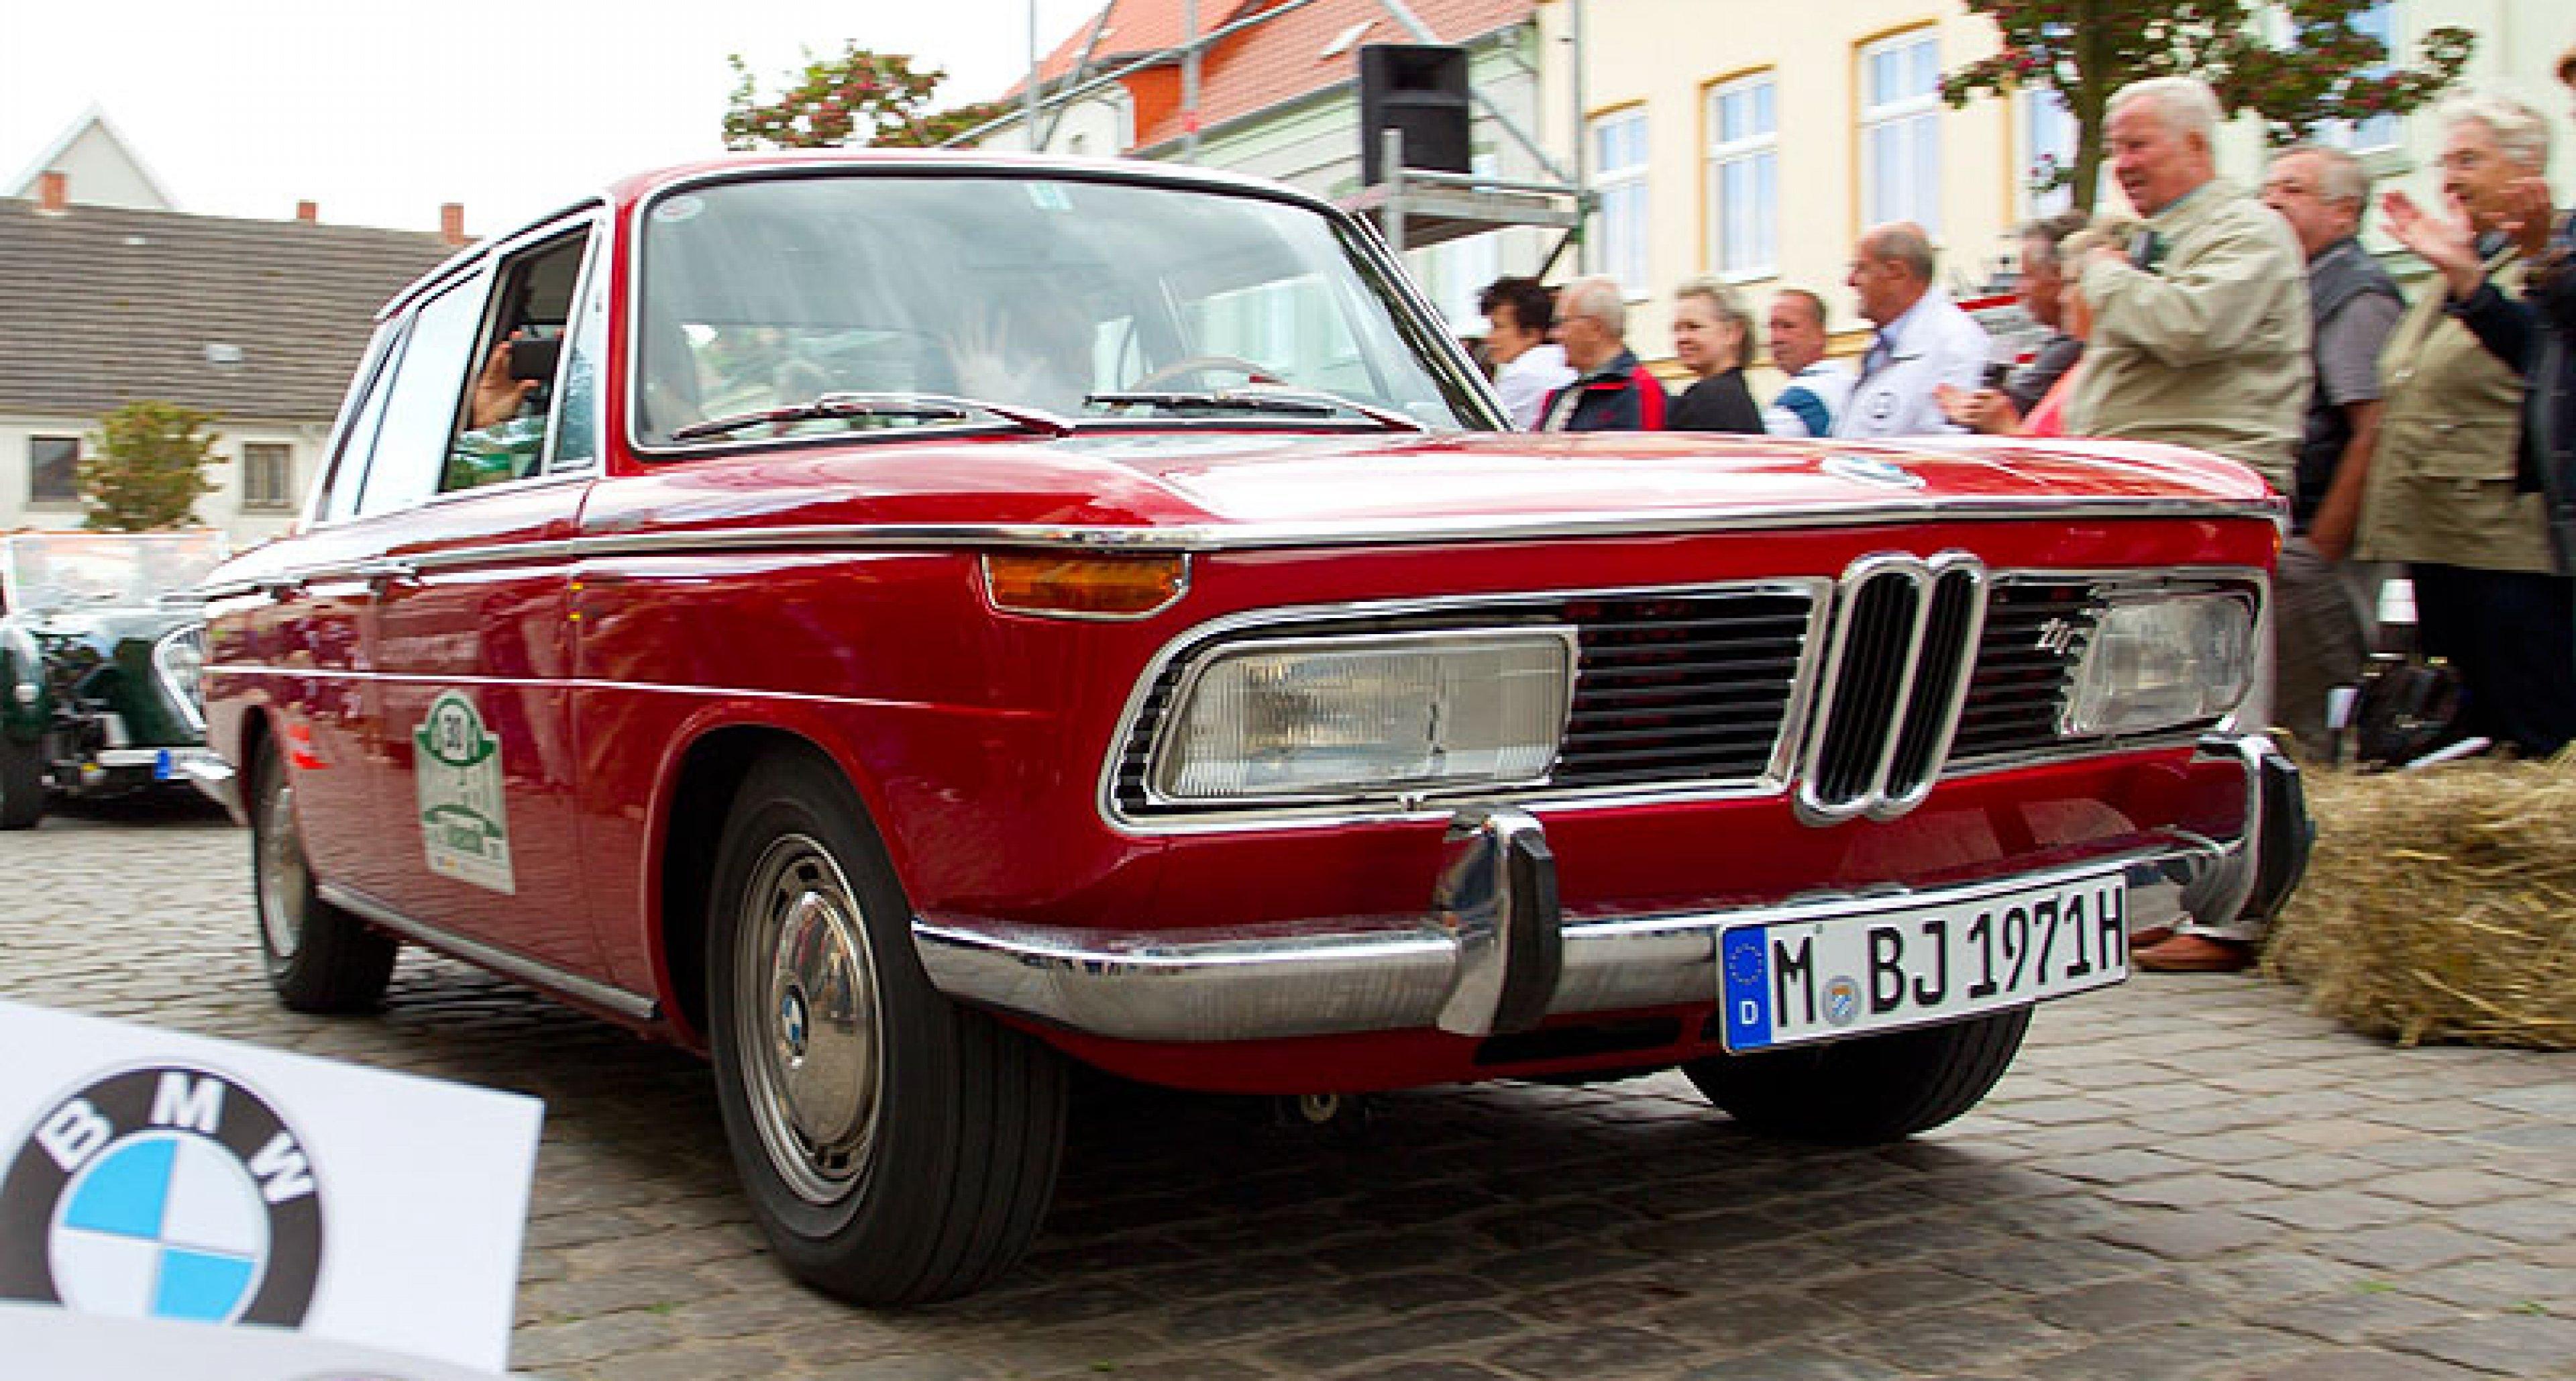 50 Jahre BMW 1500 bis 2000 tii: Aufbruch zum Weltruhm